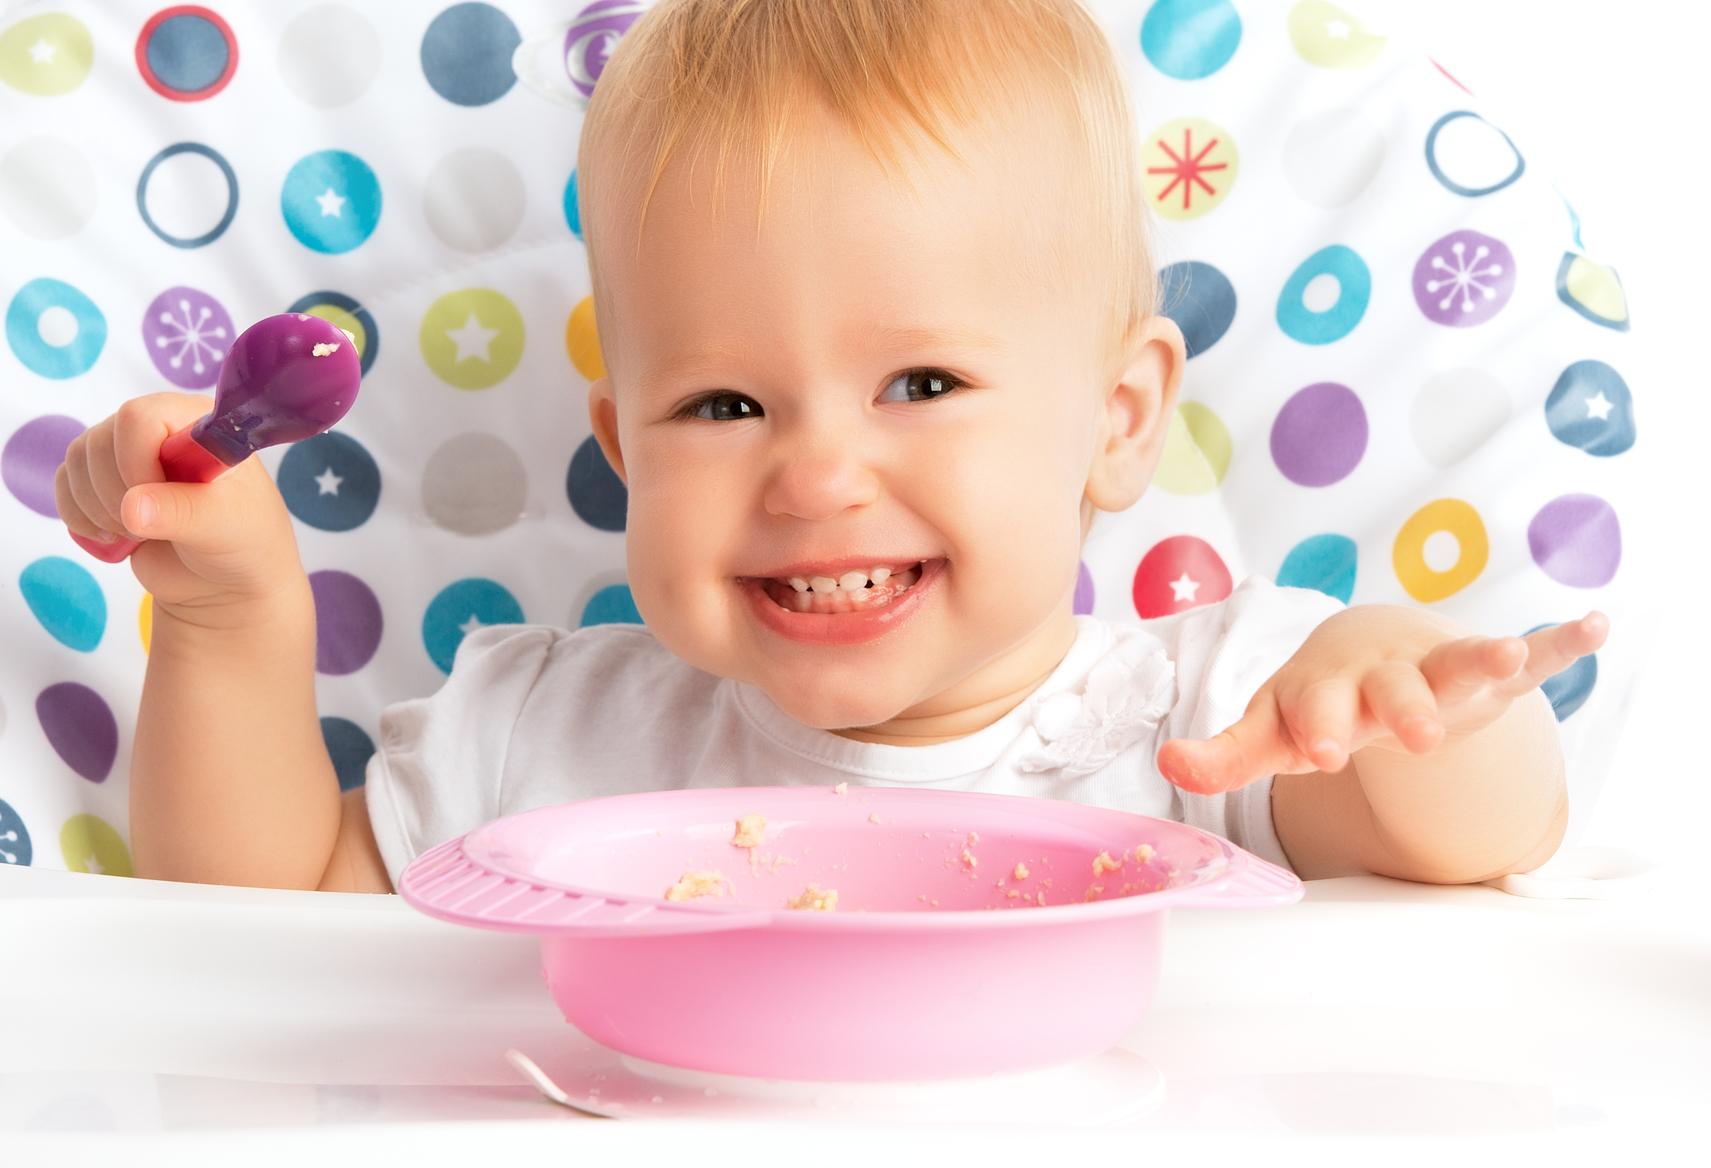 راهکارهای طب سنتی برای قوی و بلند قد شدن کودک